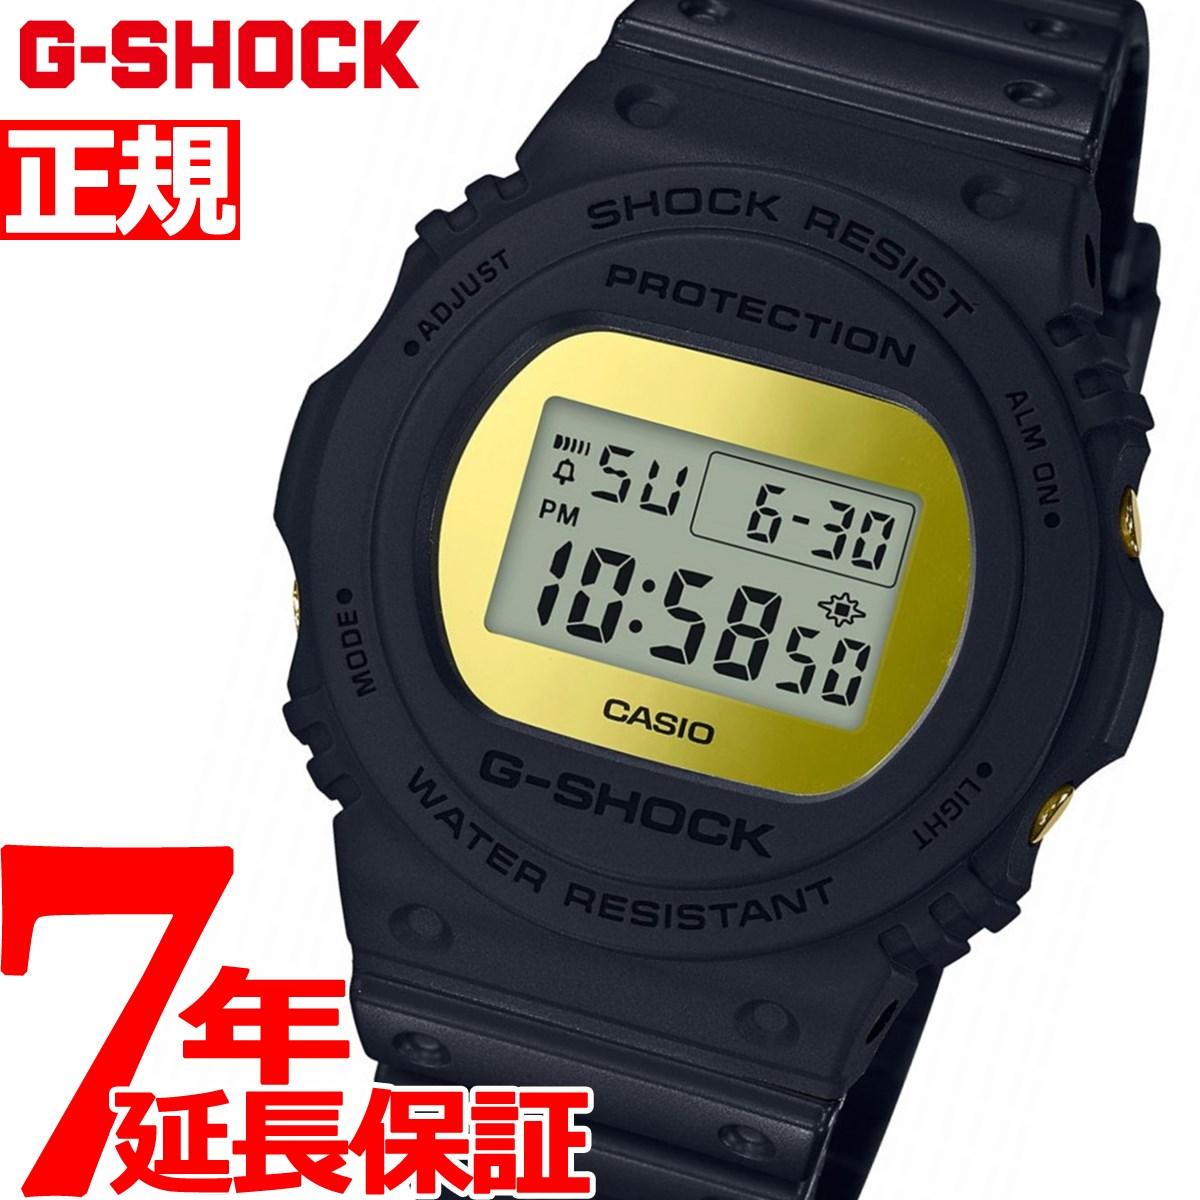 G-SHOCK デジタル 5700 カシオ Gショック CASIO 限定モデル 腕時計 メンズ メタリック ミラーフェイス ゴールド Metallic Mirror Face DW-5700BBMB-1JF【2018 新作】